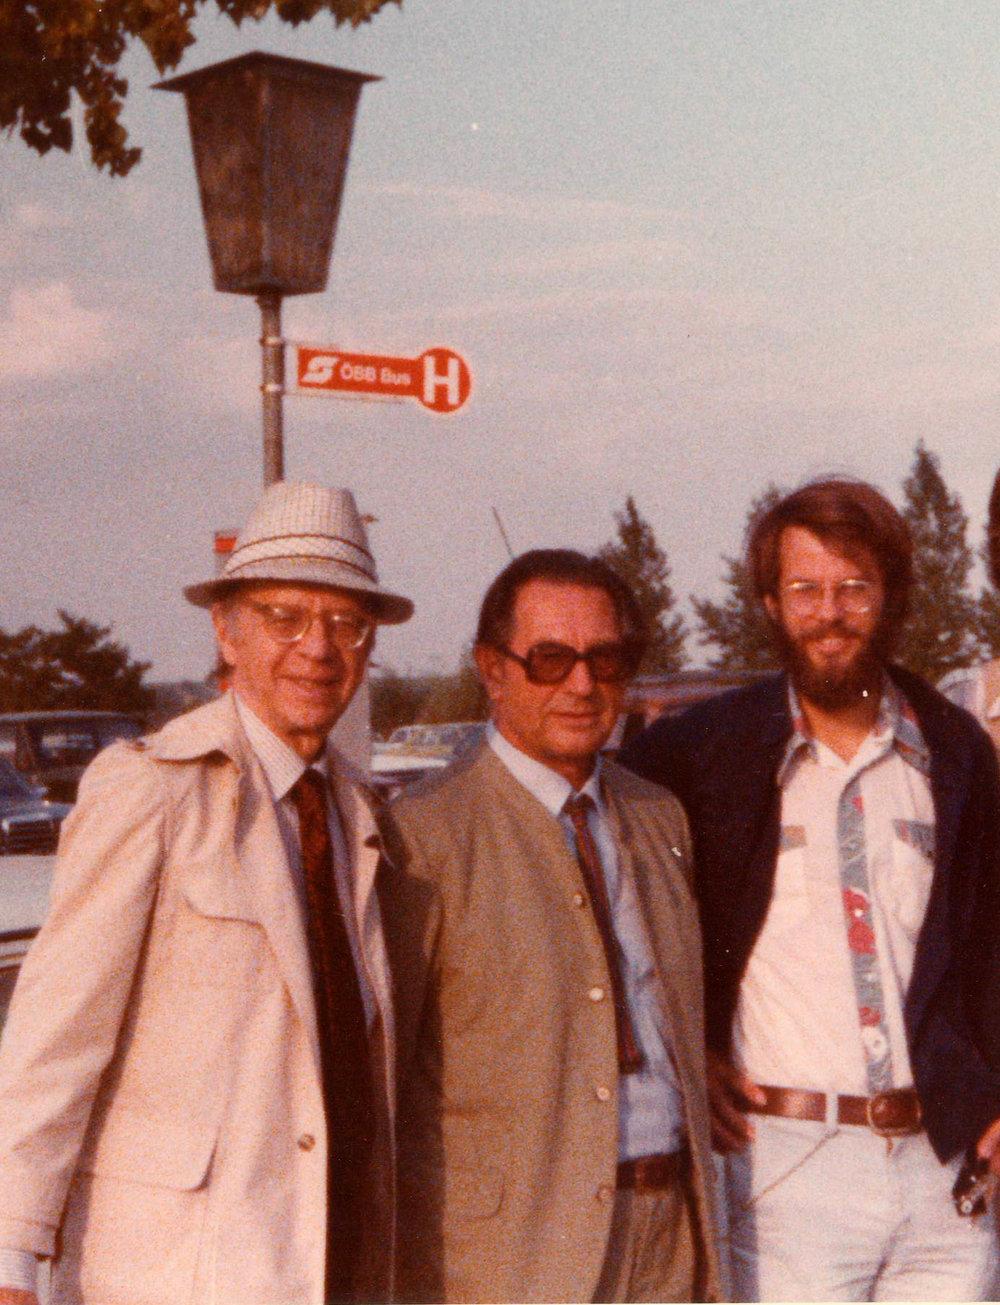 Theodore Norman & Karl Scheit - Vienna 1979